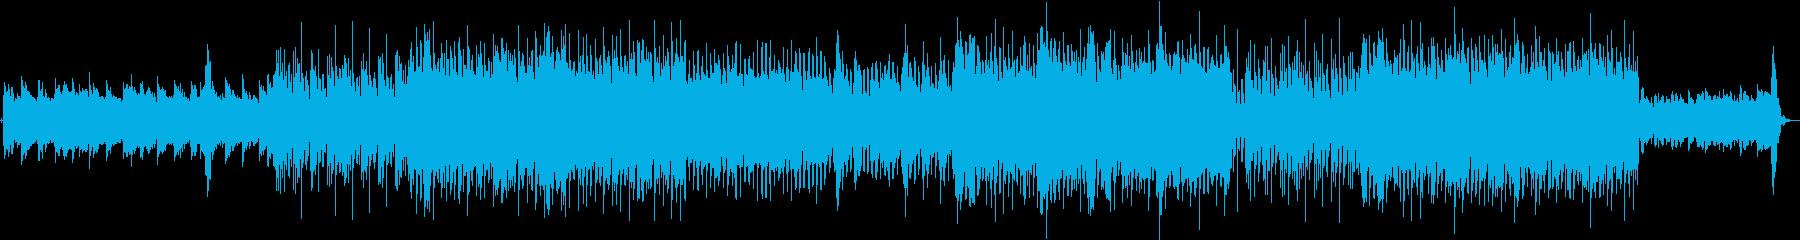 コールドプレイピアノスタイル。ポッ...の再生済みの波形